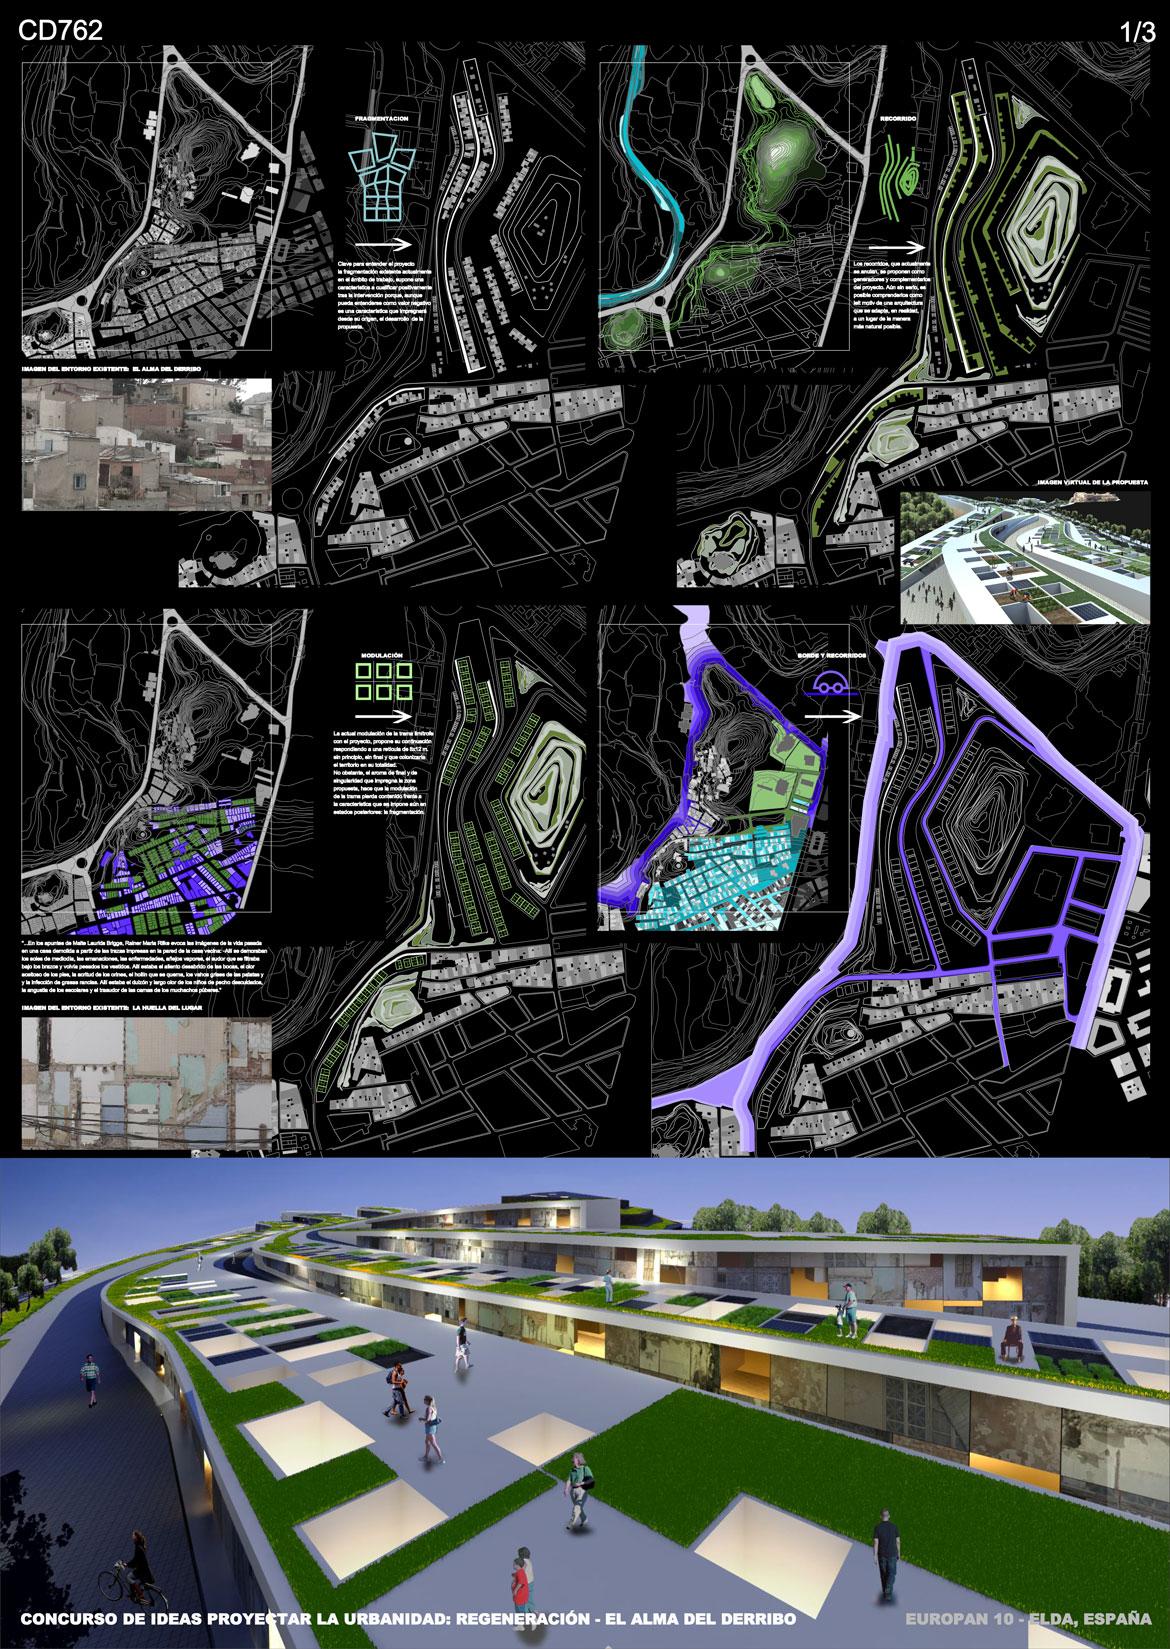 Concurso de ideas proyectar la urbanidad - Panel 1